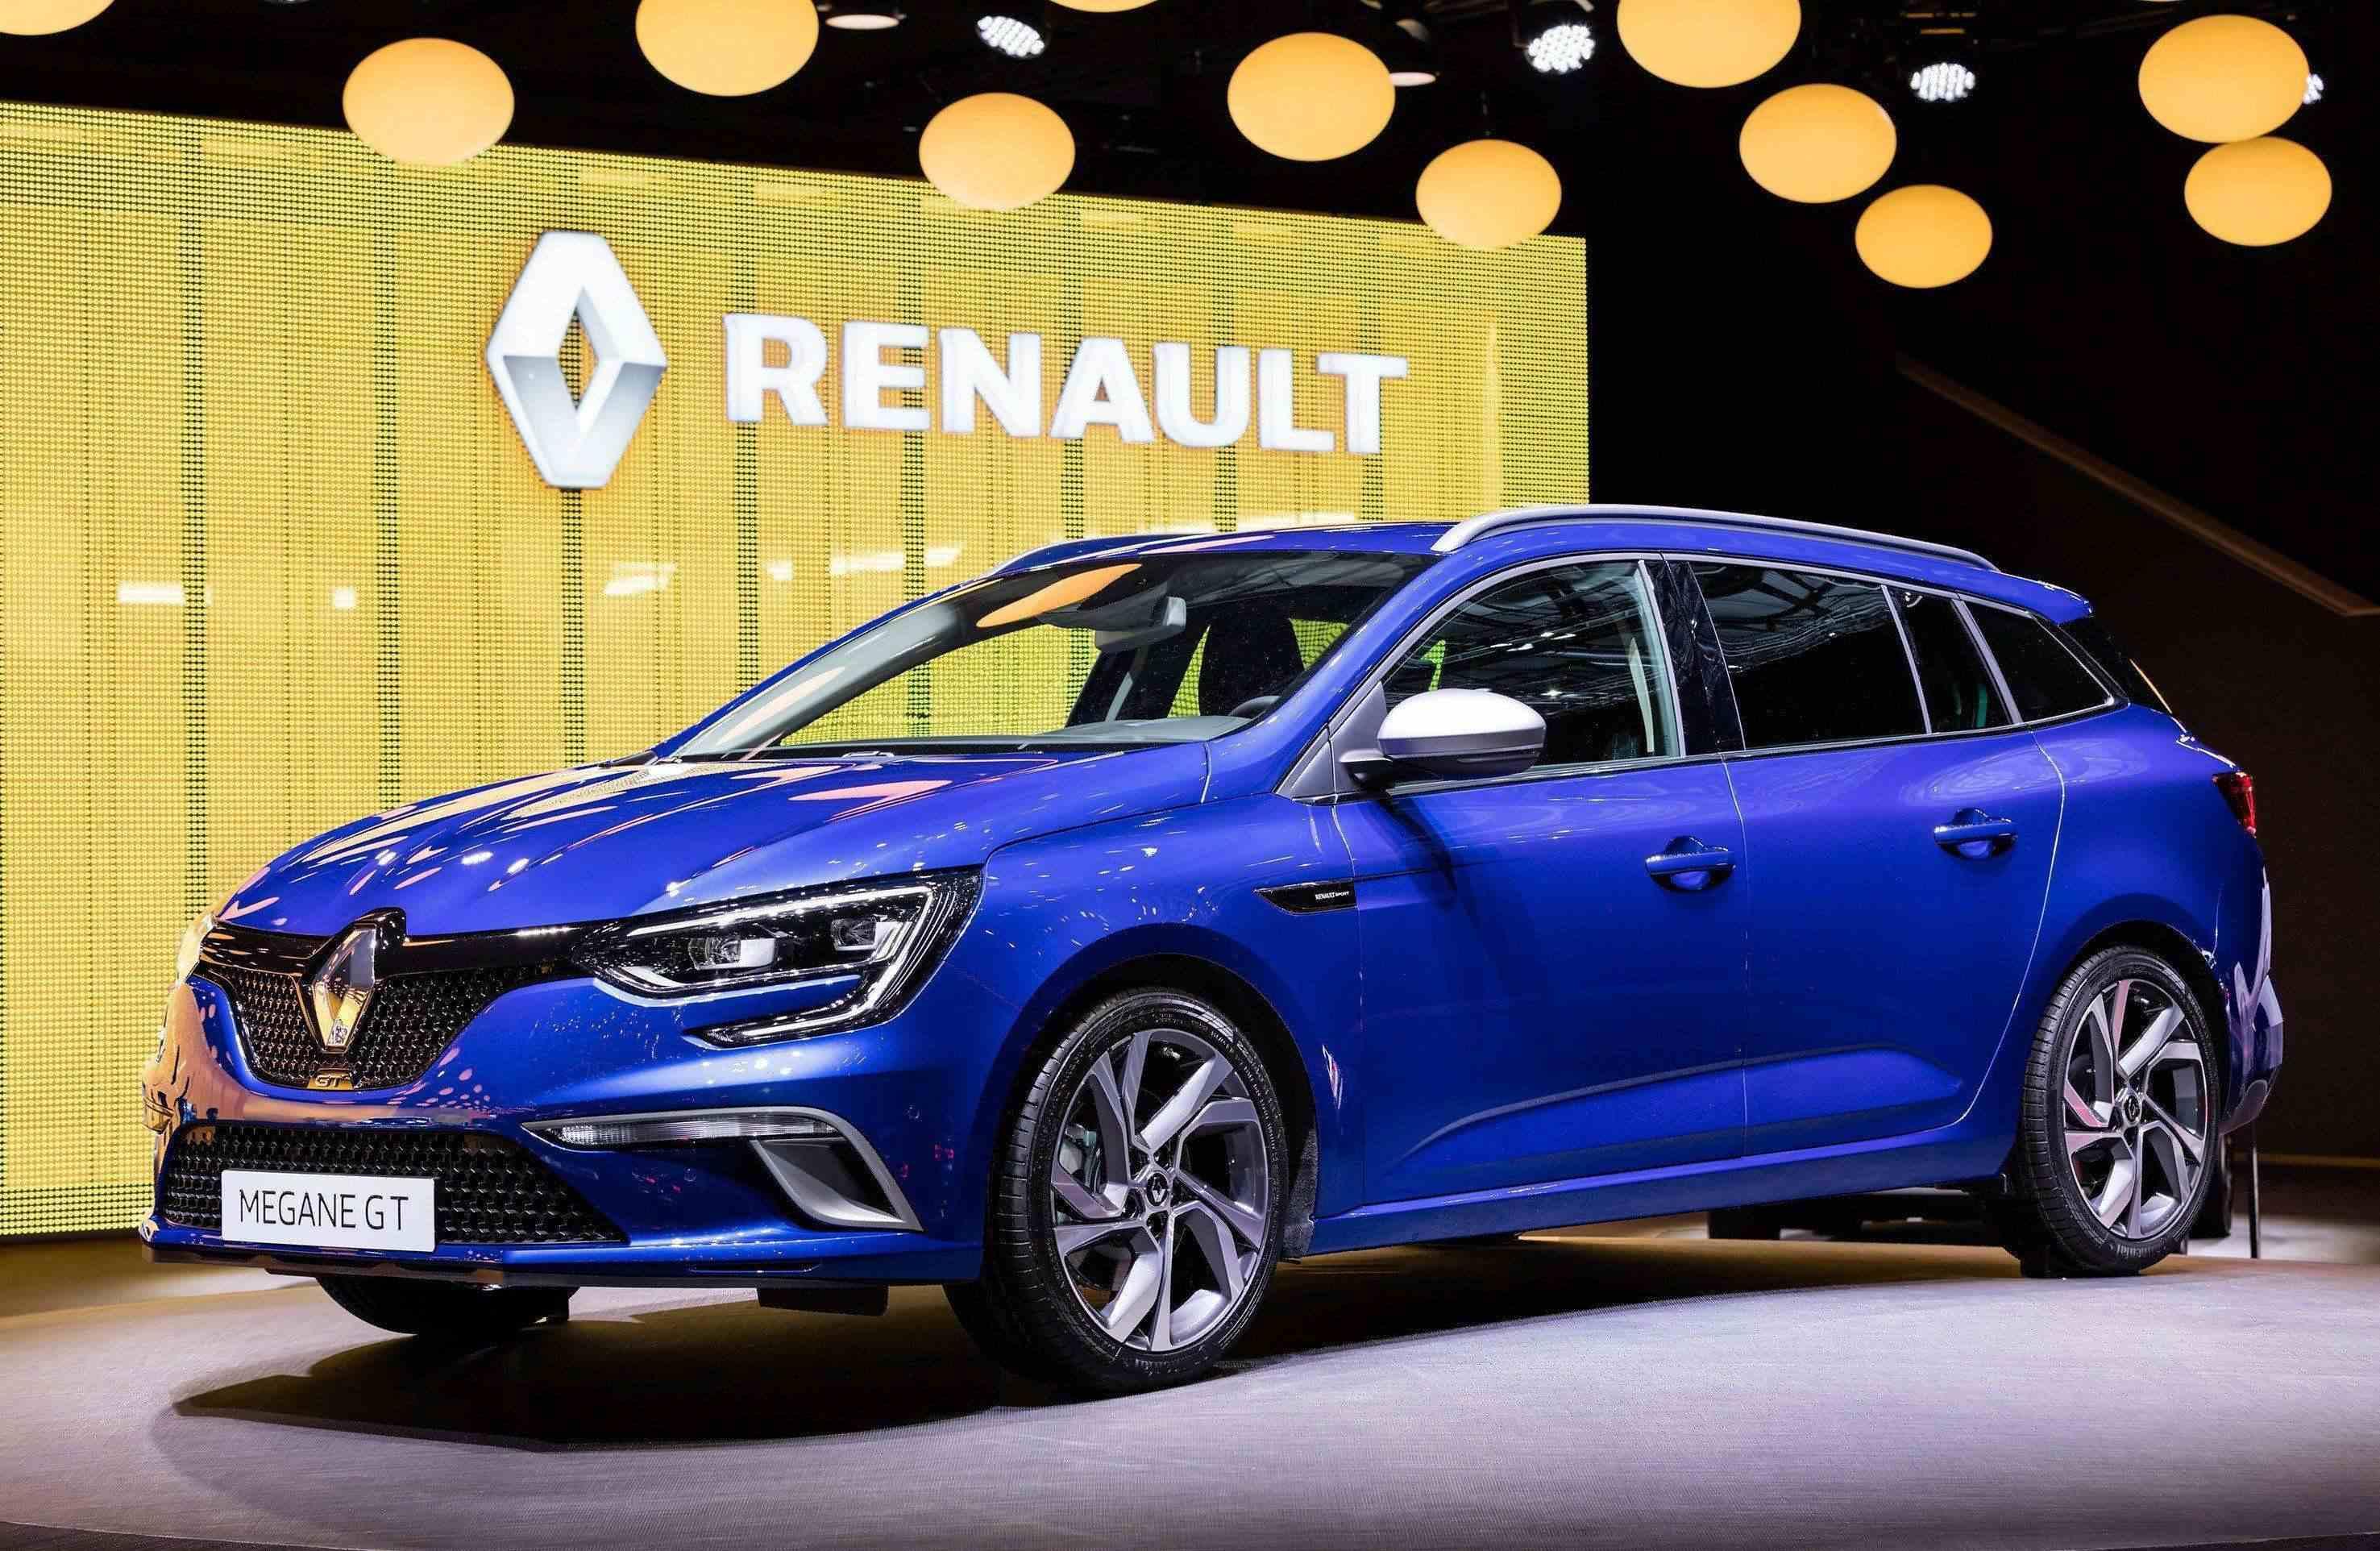 Renault_76257_global_en